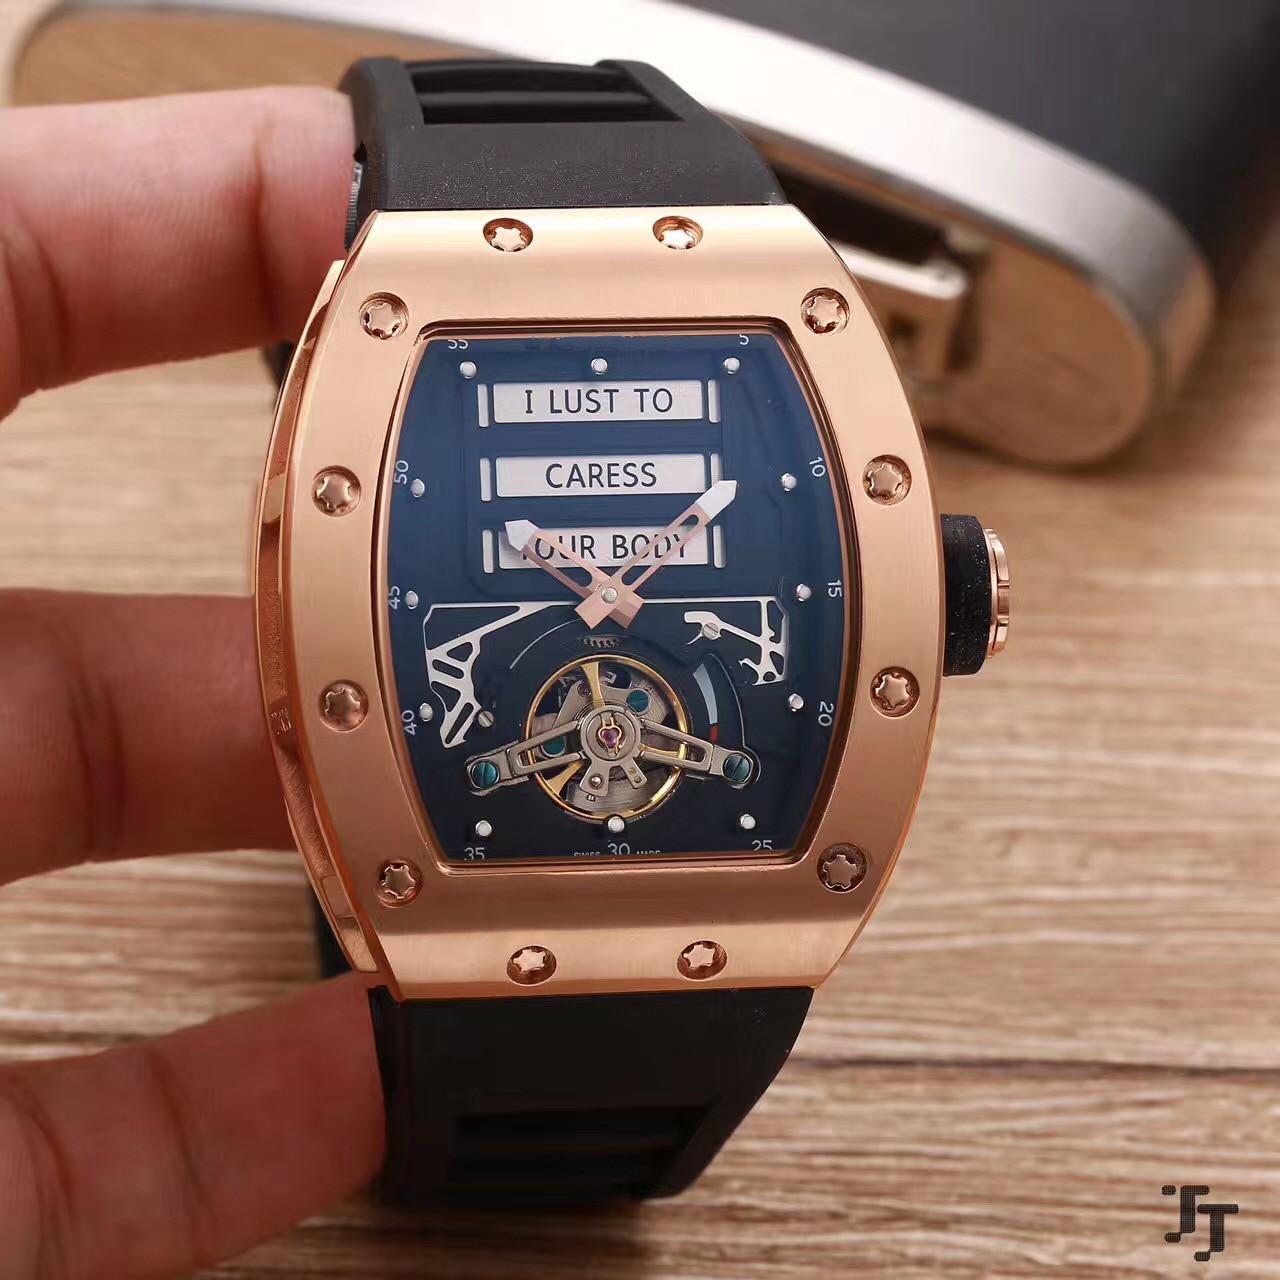 Hommes en caoutchouc de luxe automatique saphir mécanique Rose or argent noir blanc édition limitée montres à Tourbillon érotique